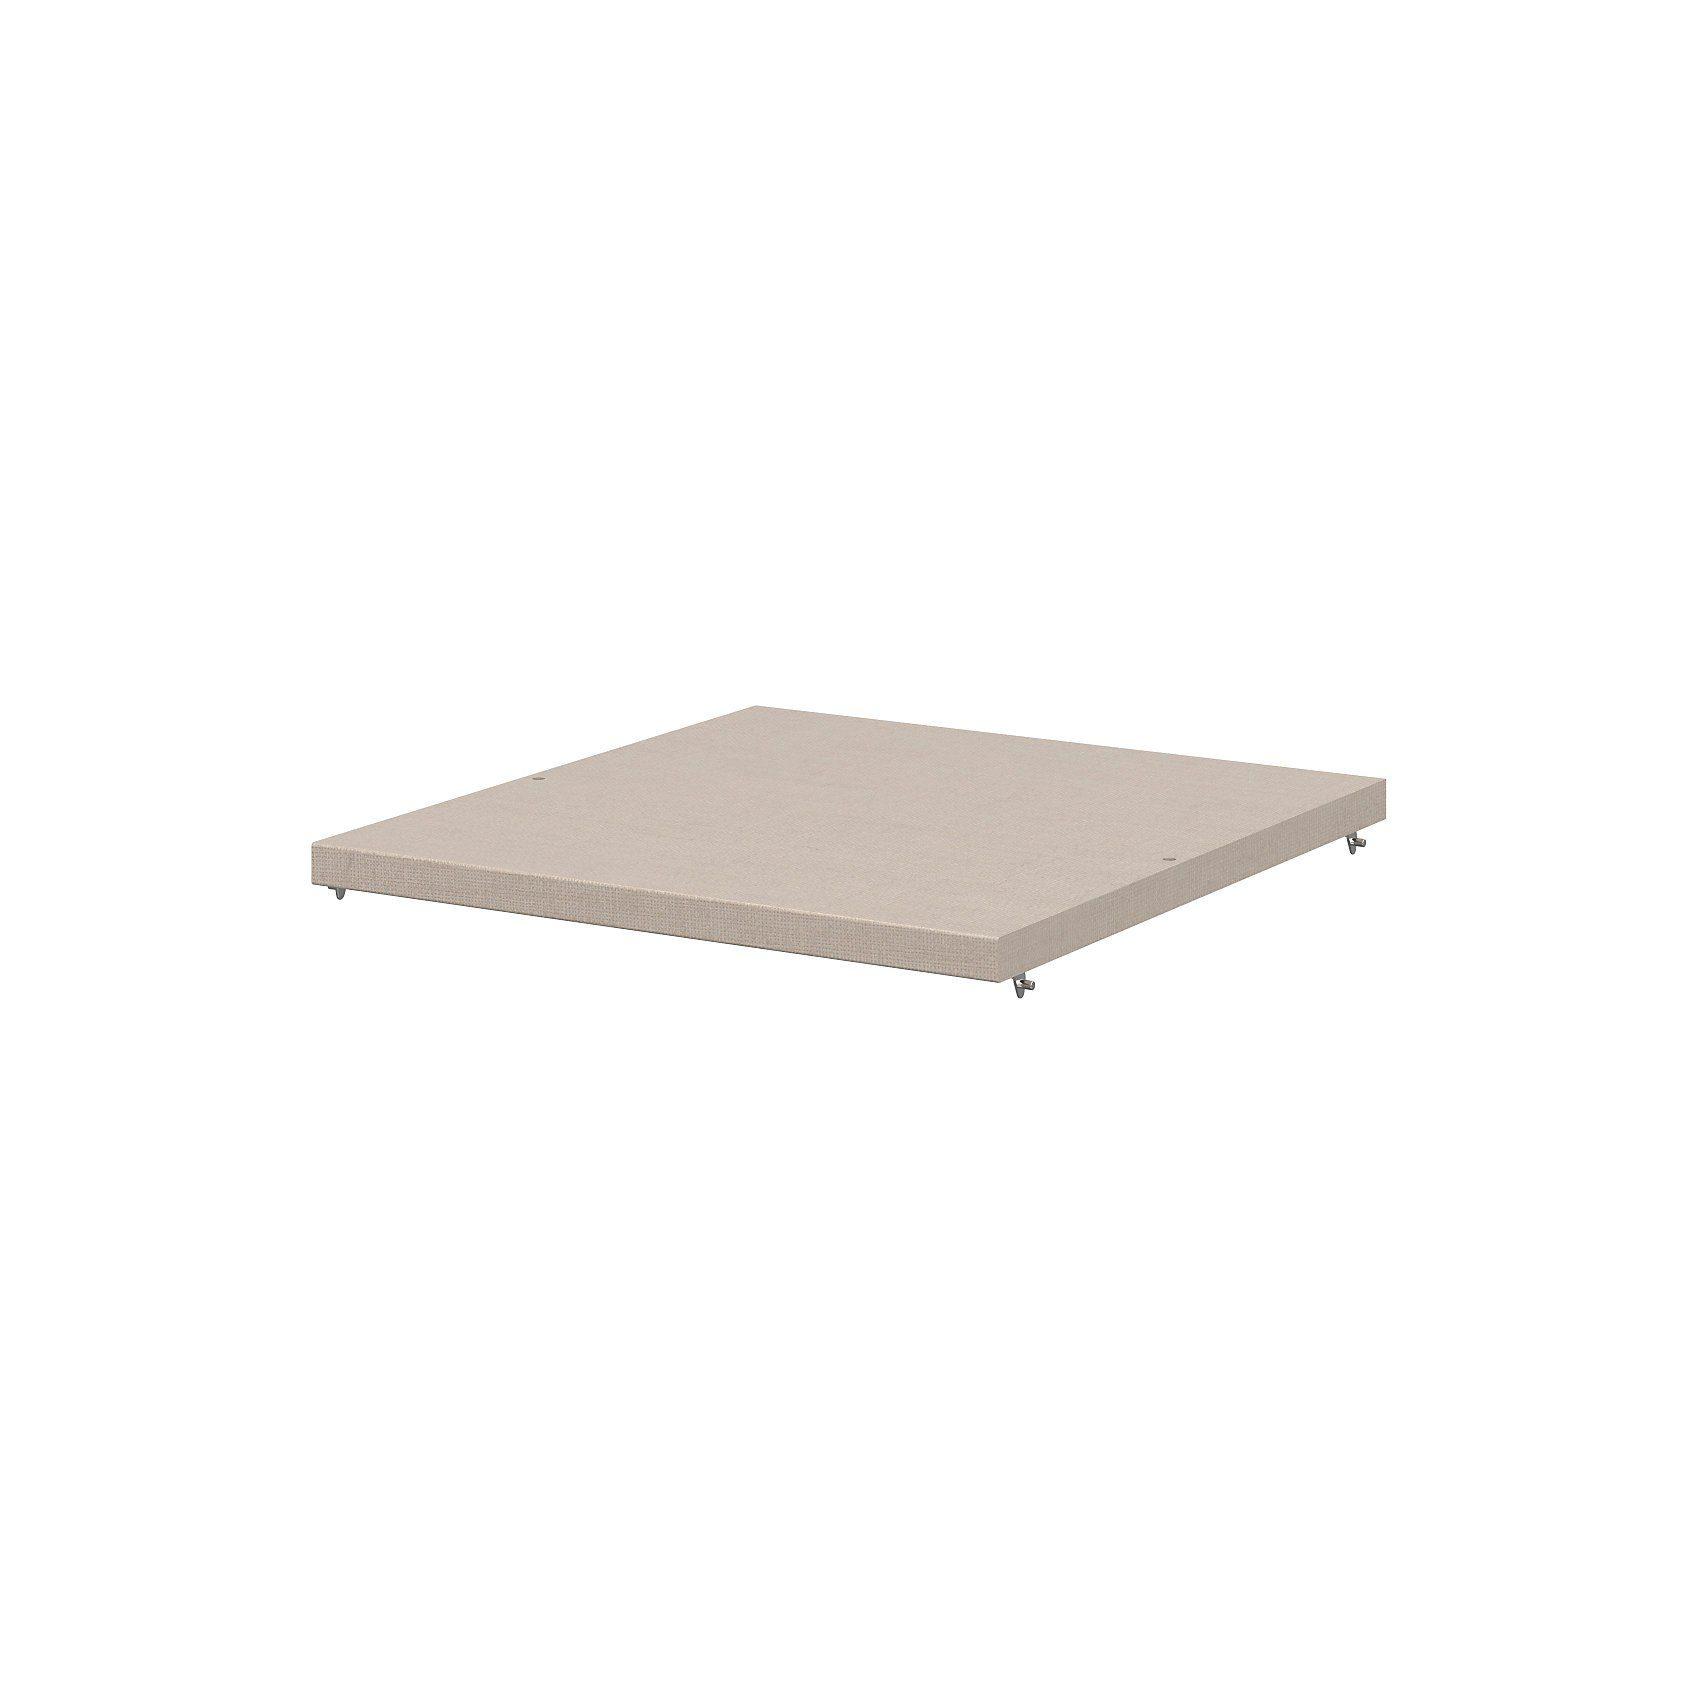 Wellemöbel Zubehör: Einlegeboden für Kleiderschrank Concrete 125 cm, Te